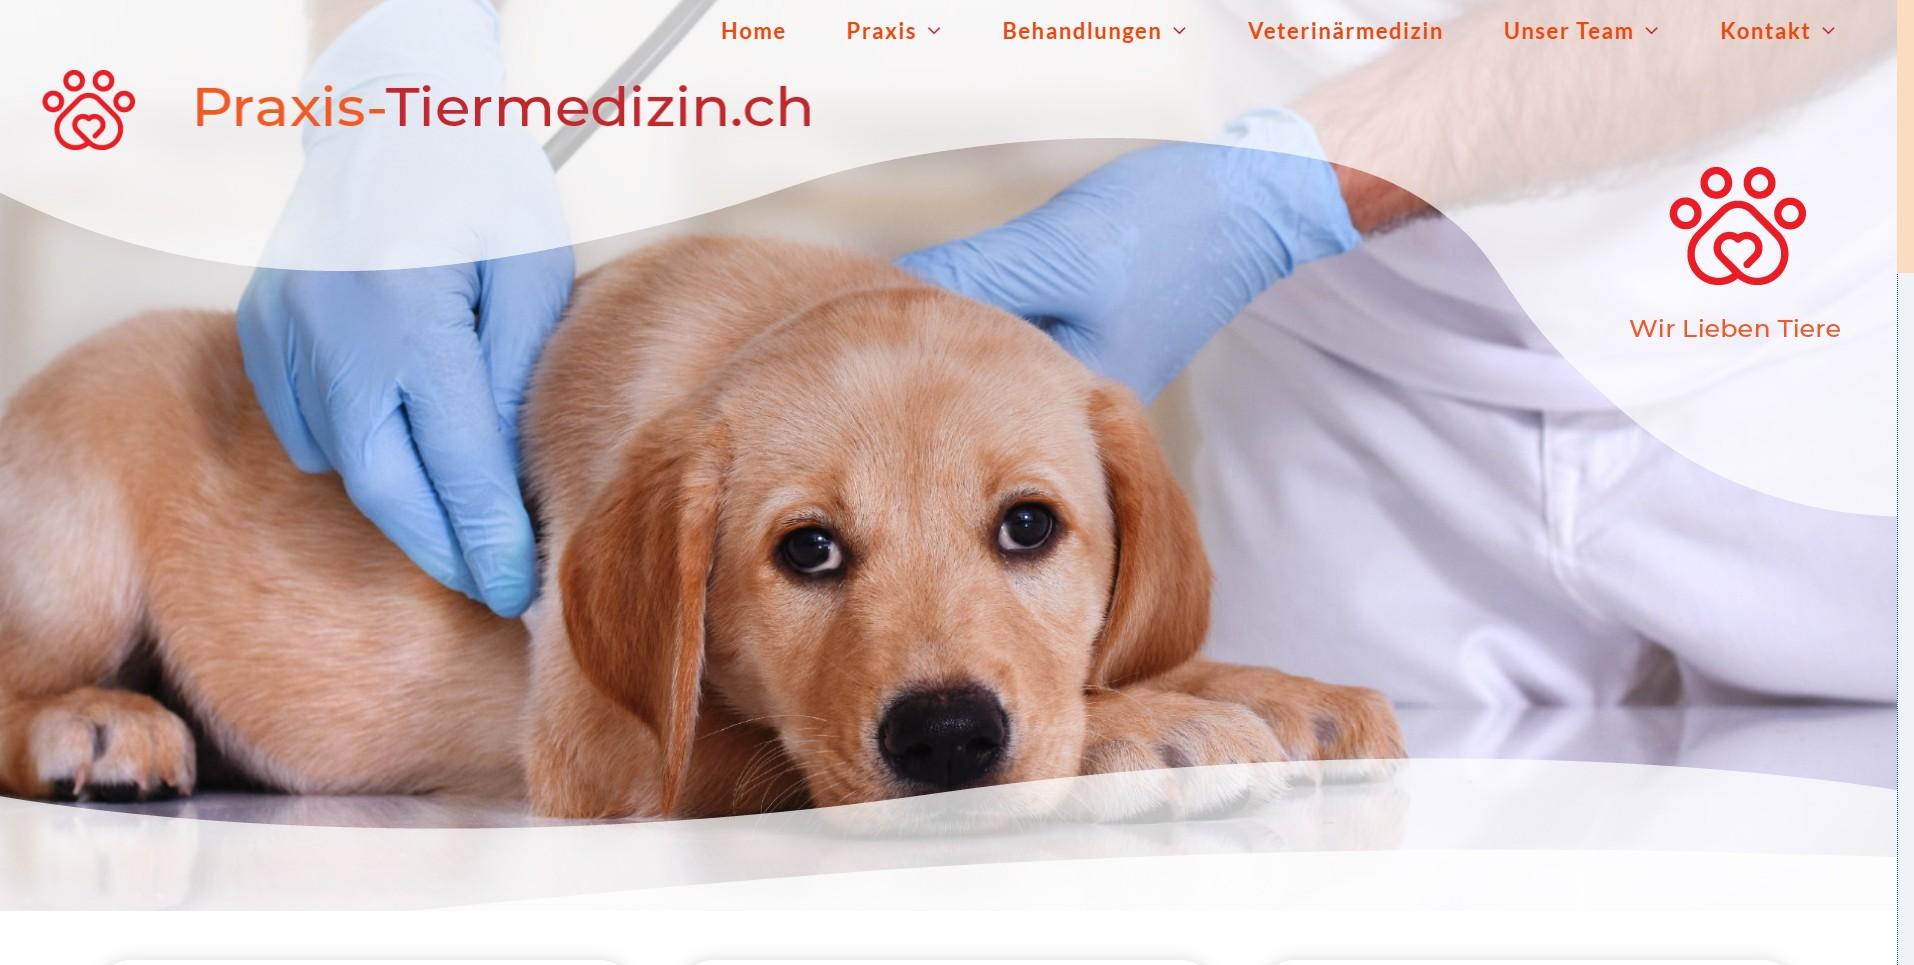 Praxis-Tiermedizin.ch